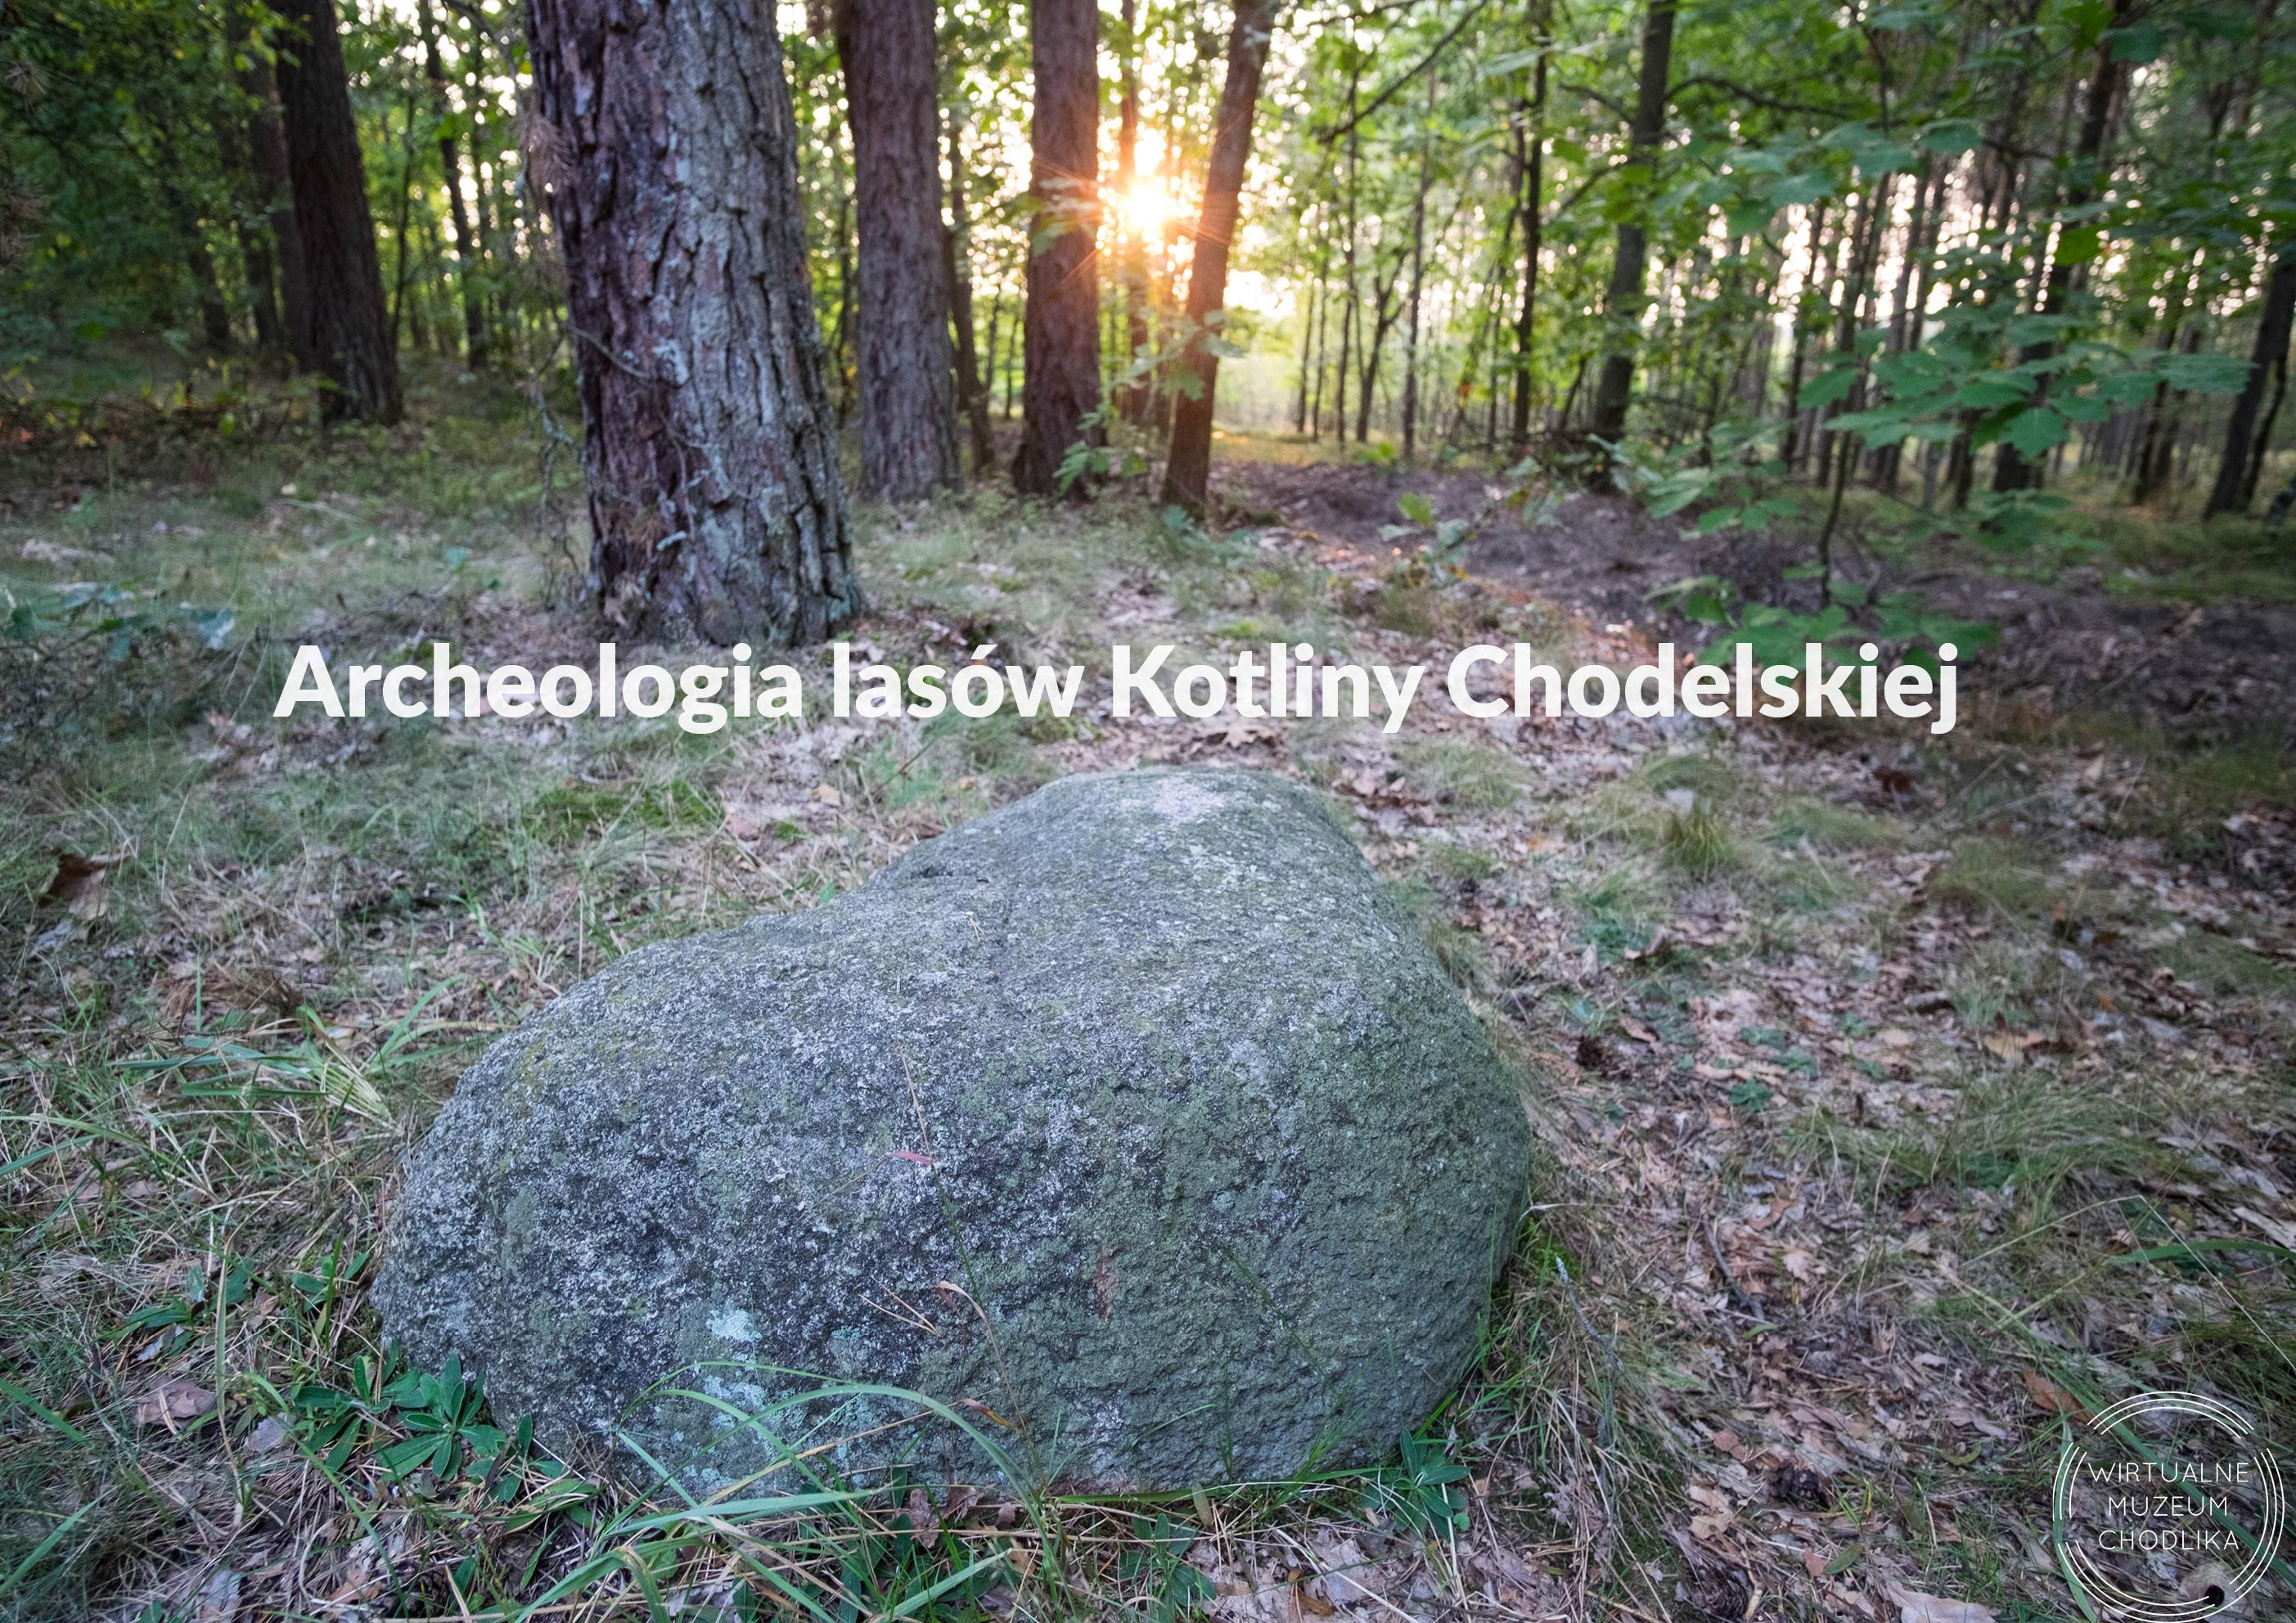 archeologia-lasow-kotliny-chodelskiej